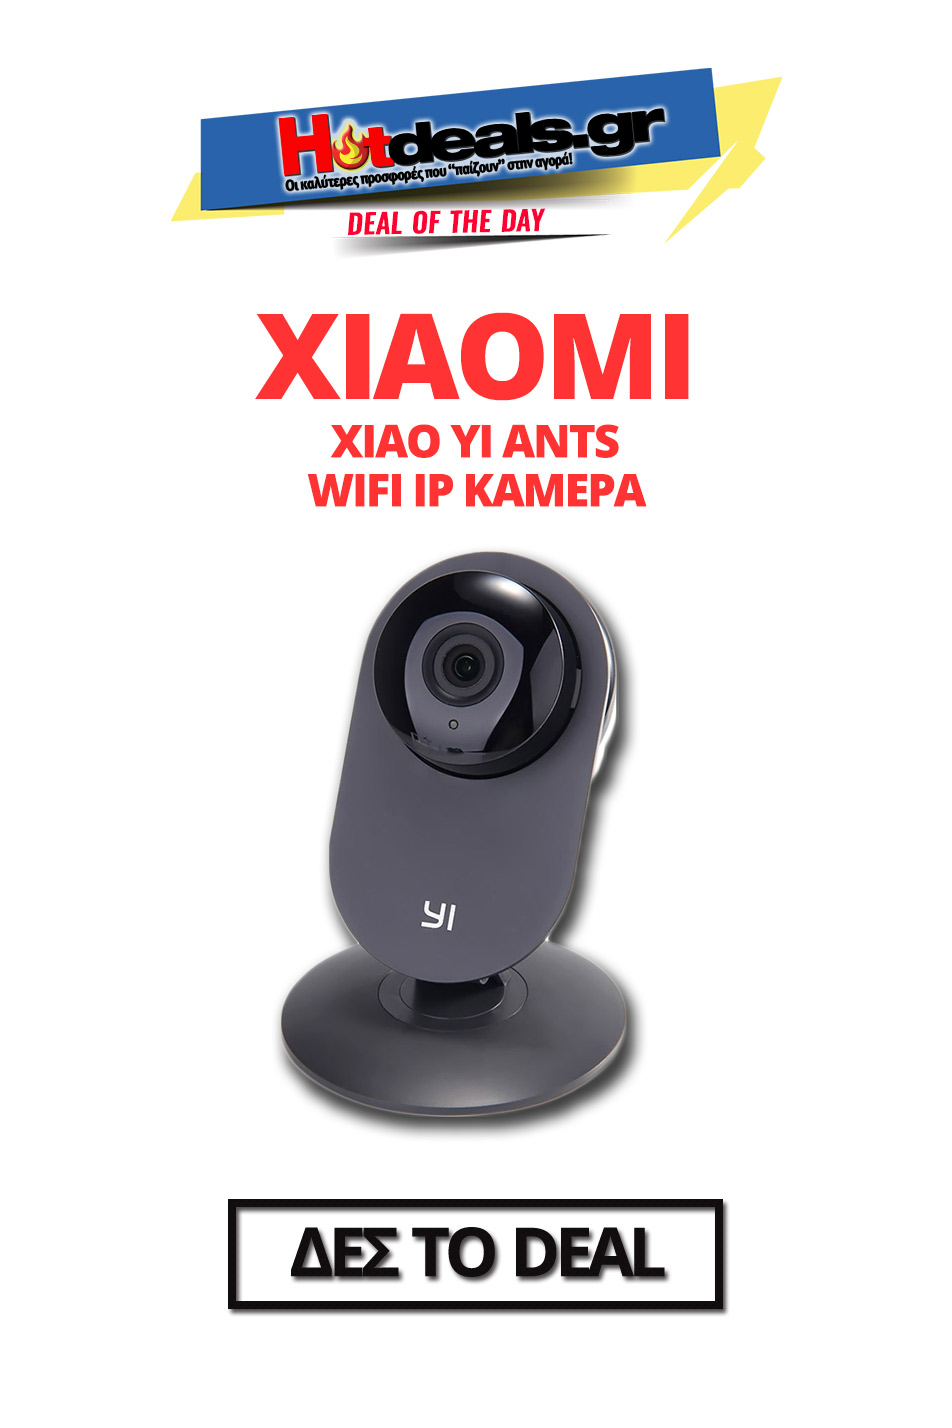 xiaomi-xiao-yi-ants-wifi-ip-camera-parakolouthisis-mwrou-gearbest-23e